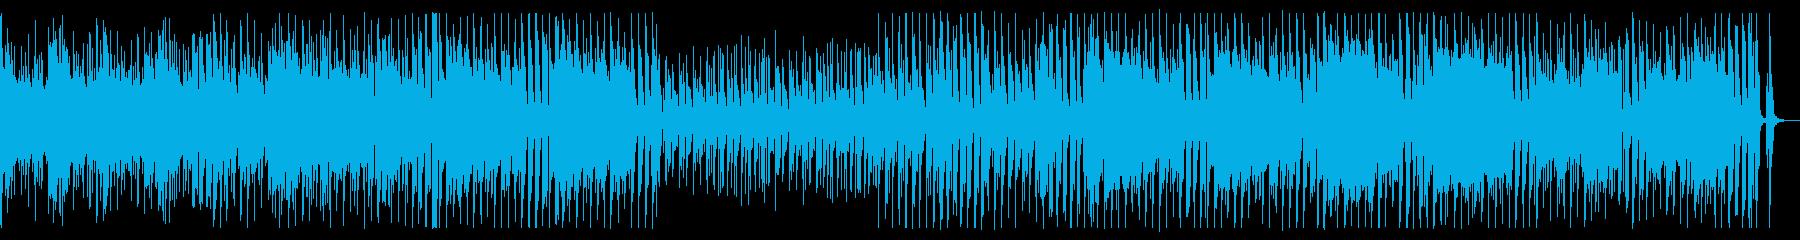 散歩。ポップス_2の再生済みの波形